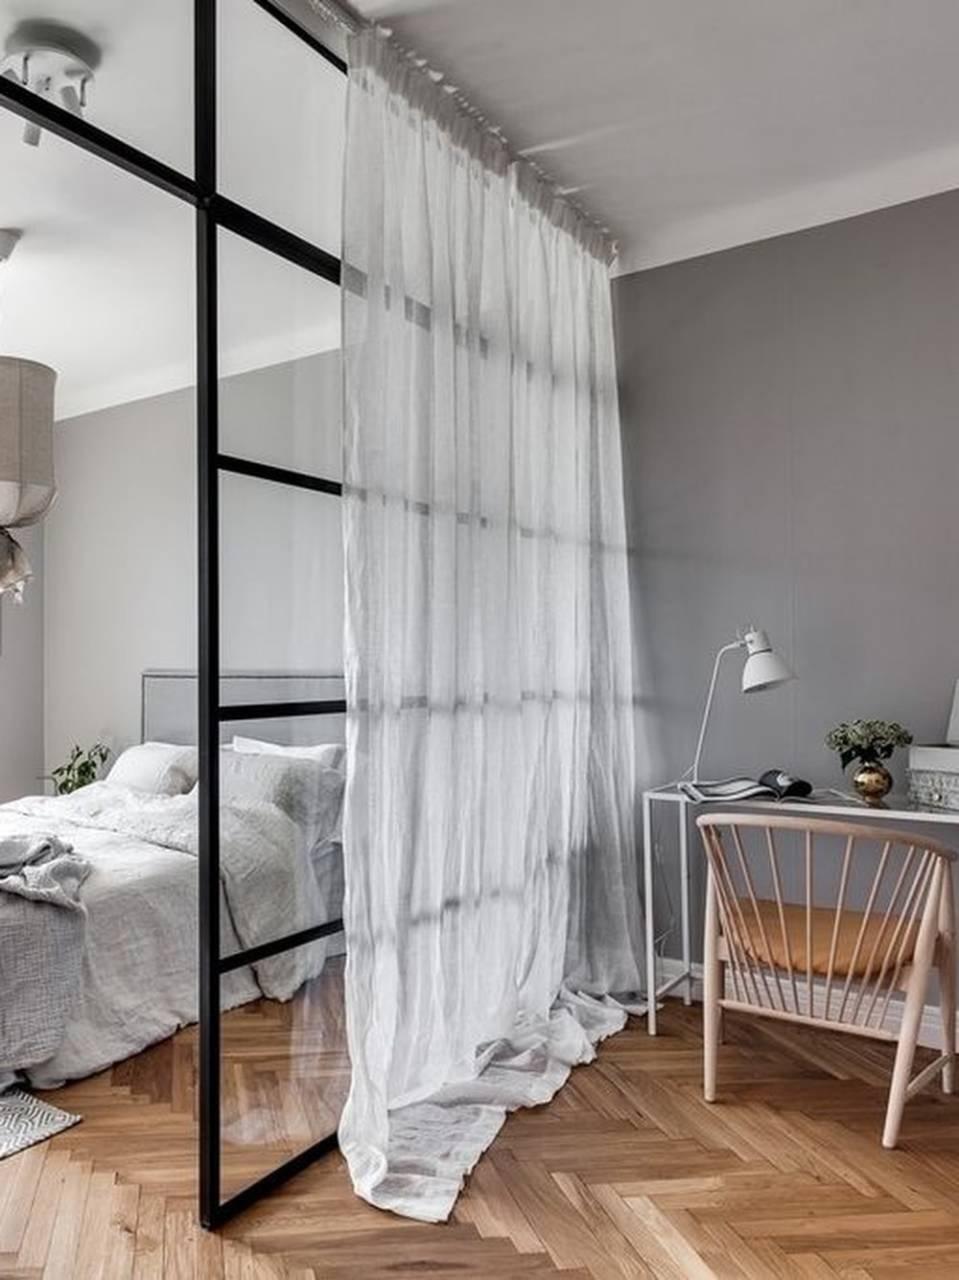 Изображение - Свежий взгляд на современный интерьер спальни proxy?url=https%3A%2F%2Fmossebo.studio%2Fwp-content%2Fuploads%2Fc7f855722f1e2f97d0d5f84ca3f69335-sliding-bedroom-doors-loft-bedrooms-Cropped-min